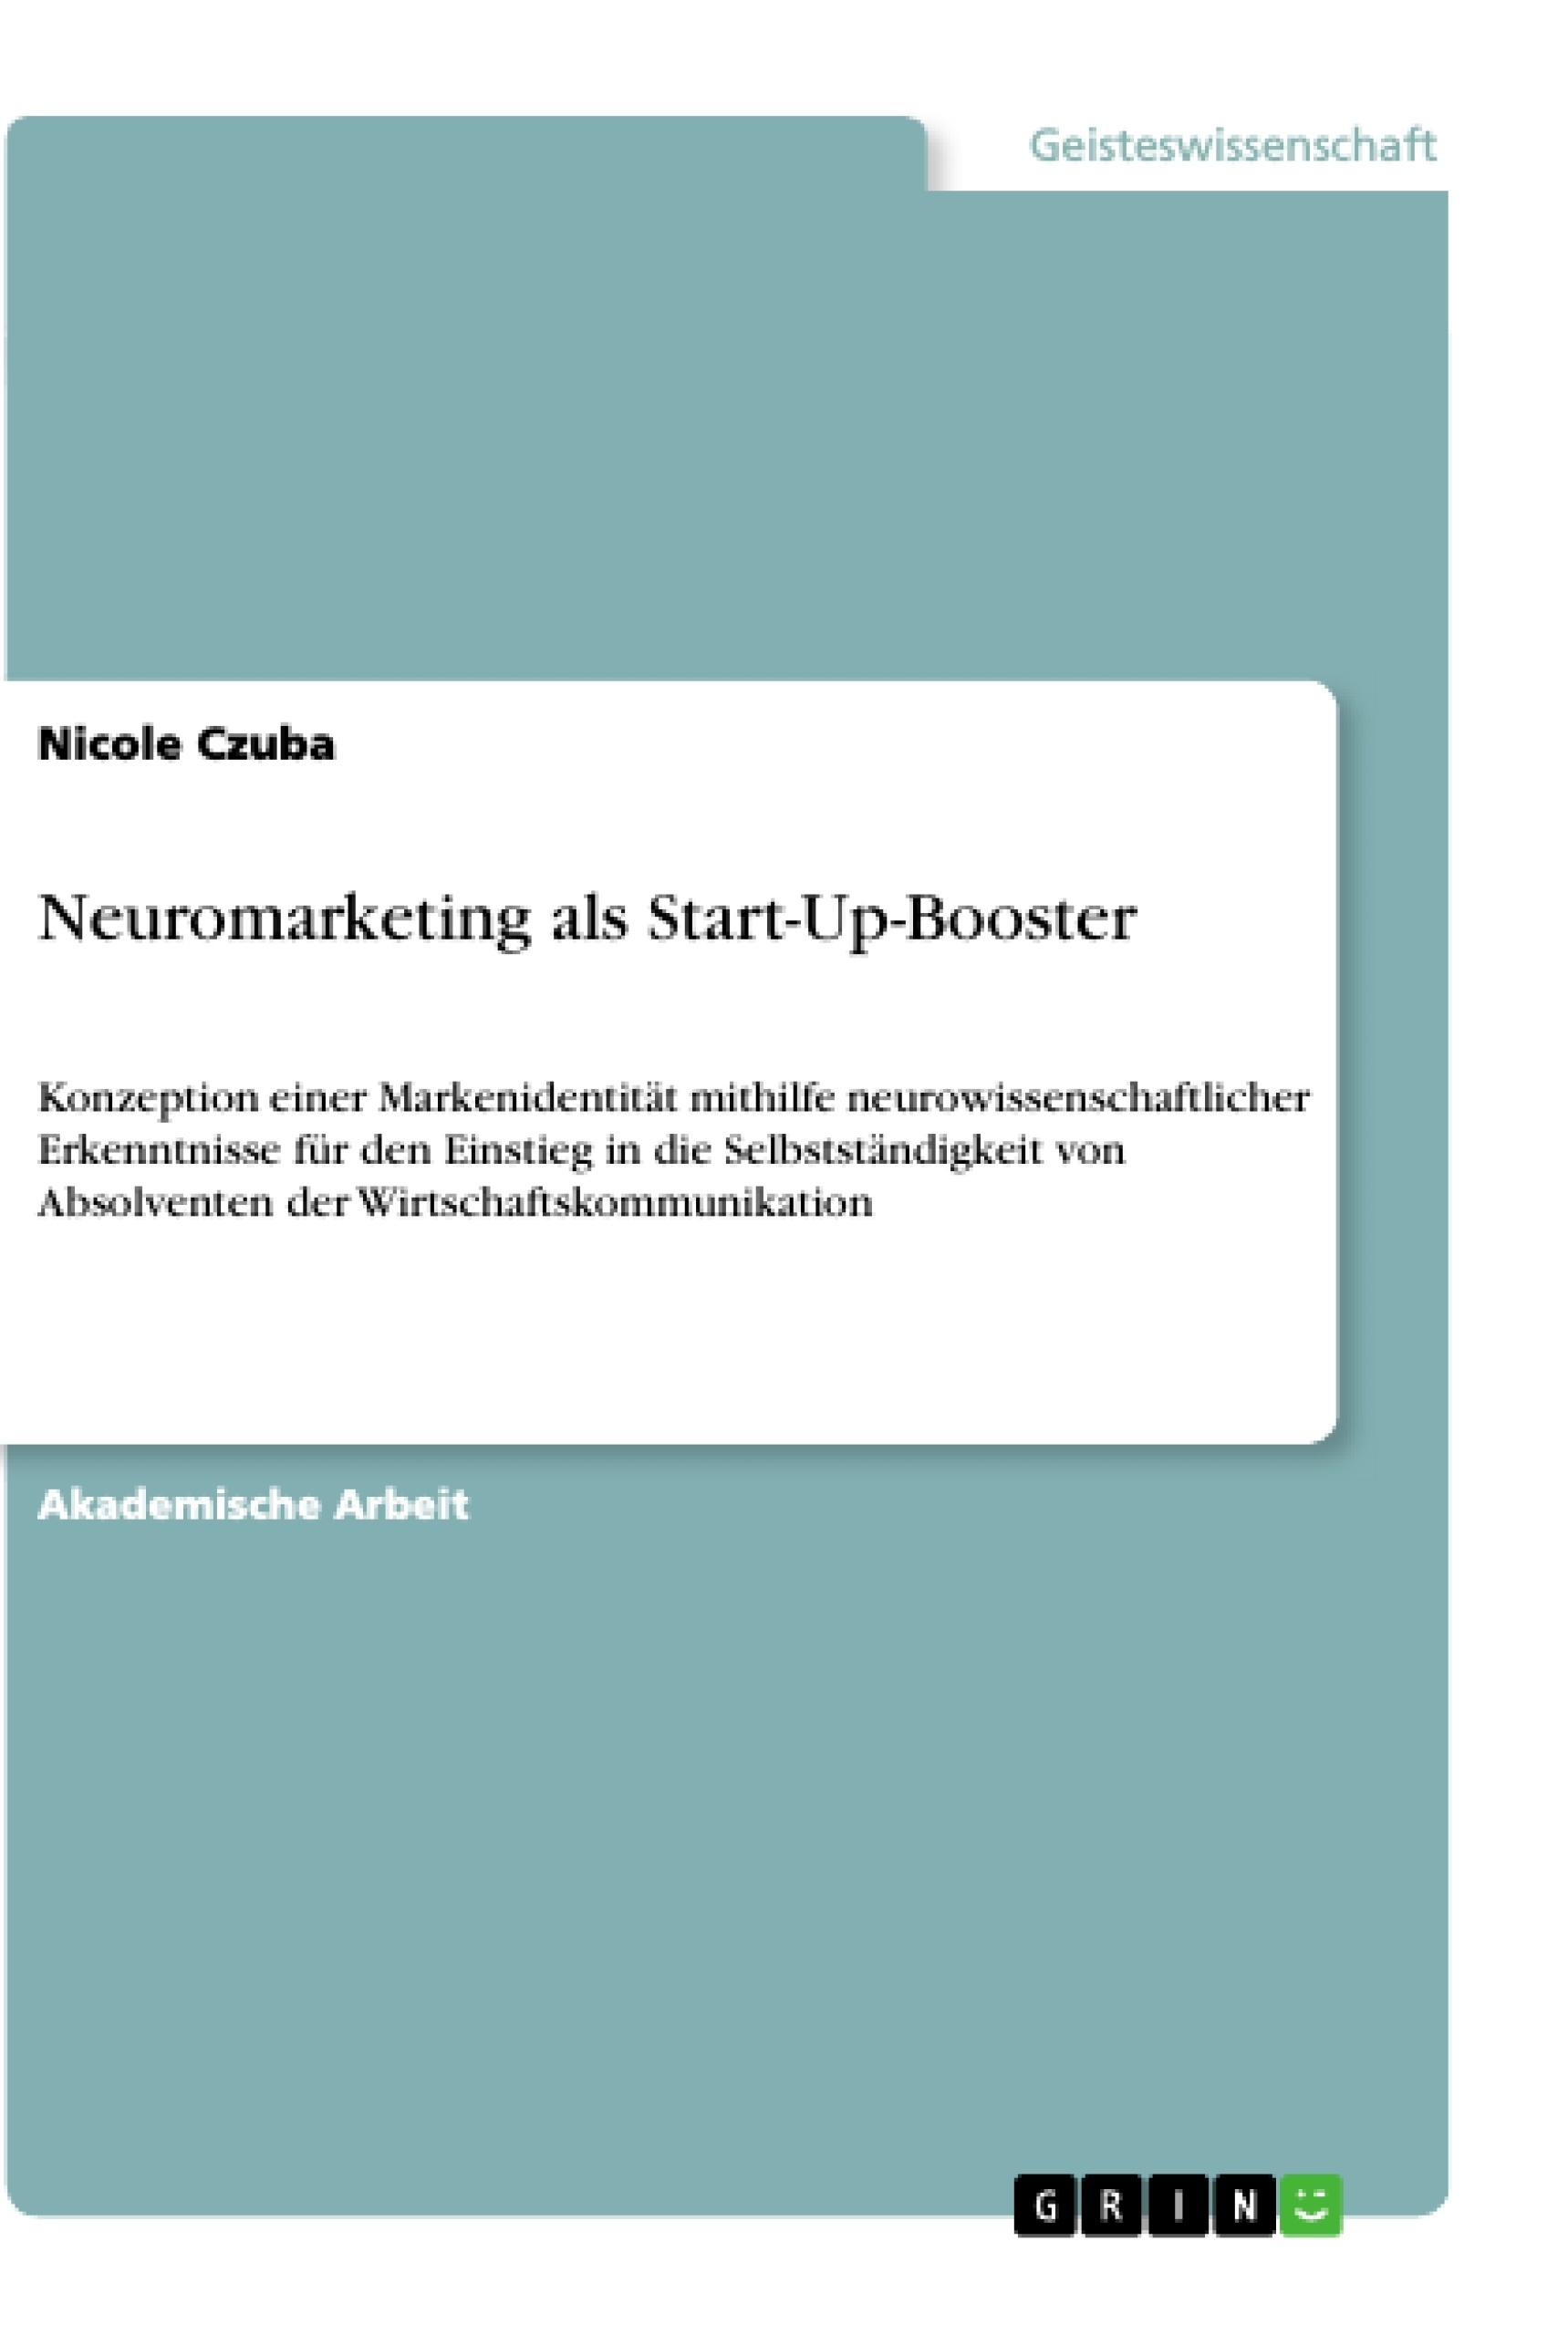 Titel: Neuromarketing als Start-Up-Booster